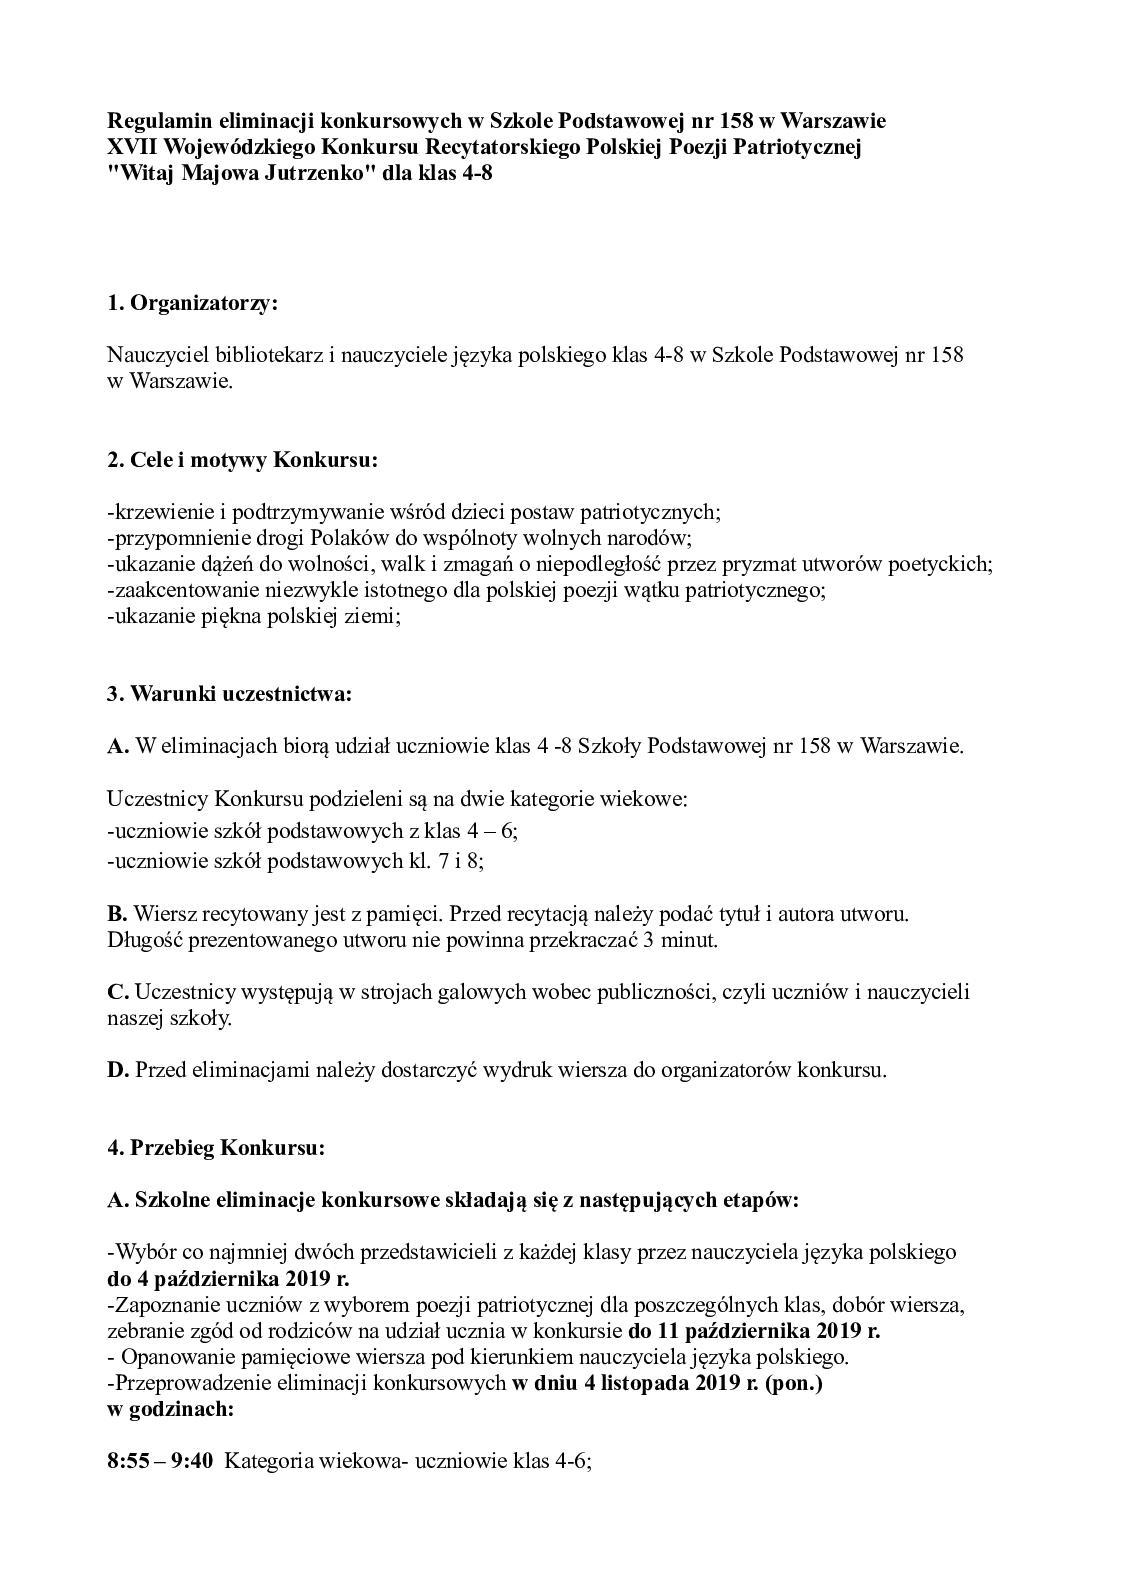 Calaméo Regulamin Eliminacji Szkolnych Xvii Wojewódzkiego